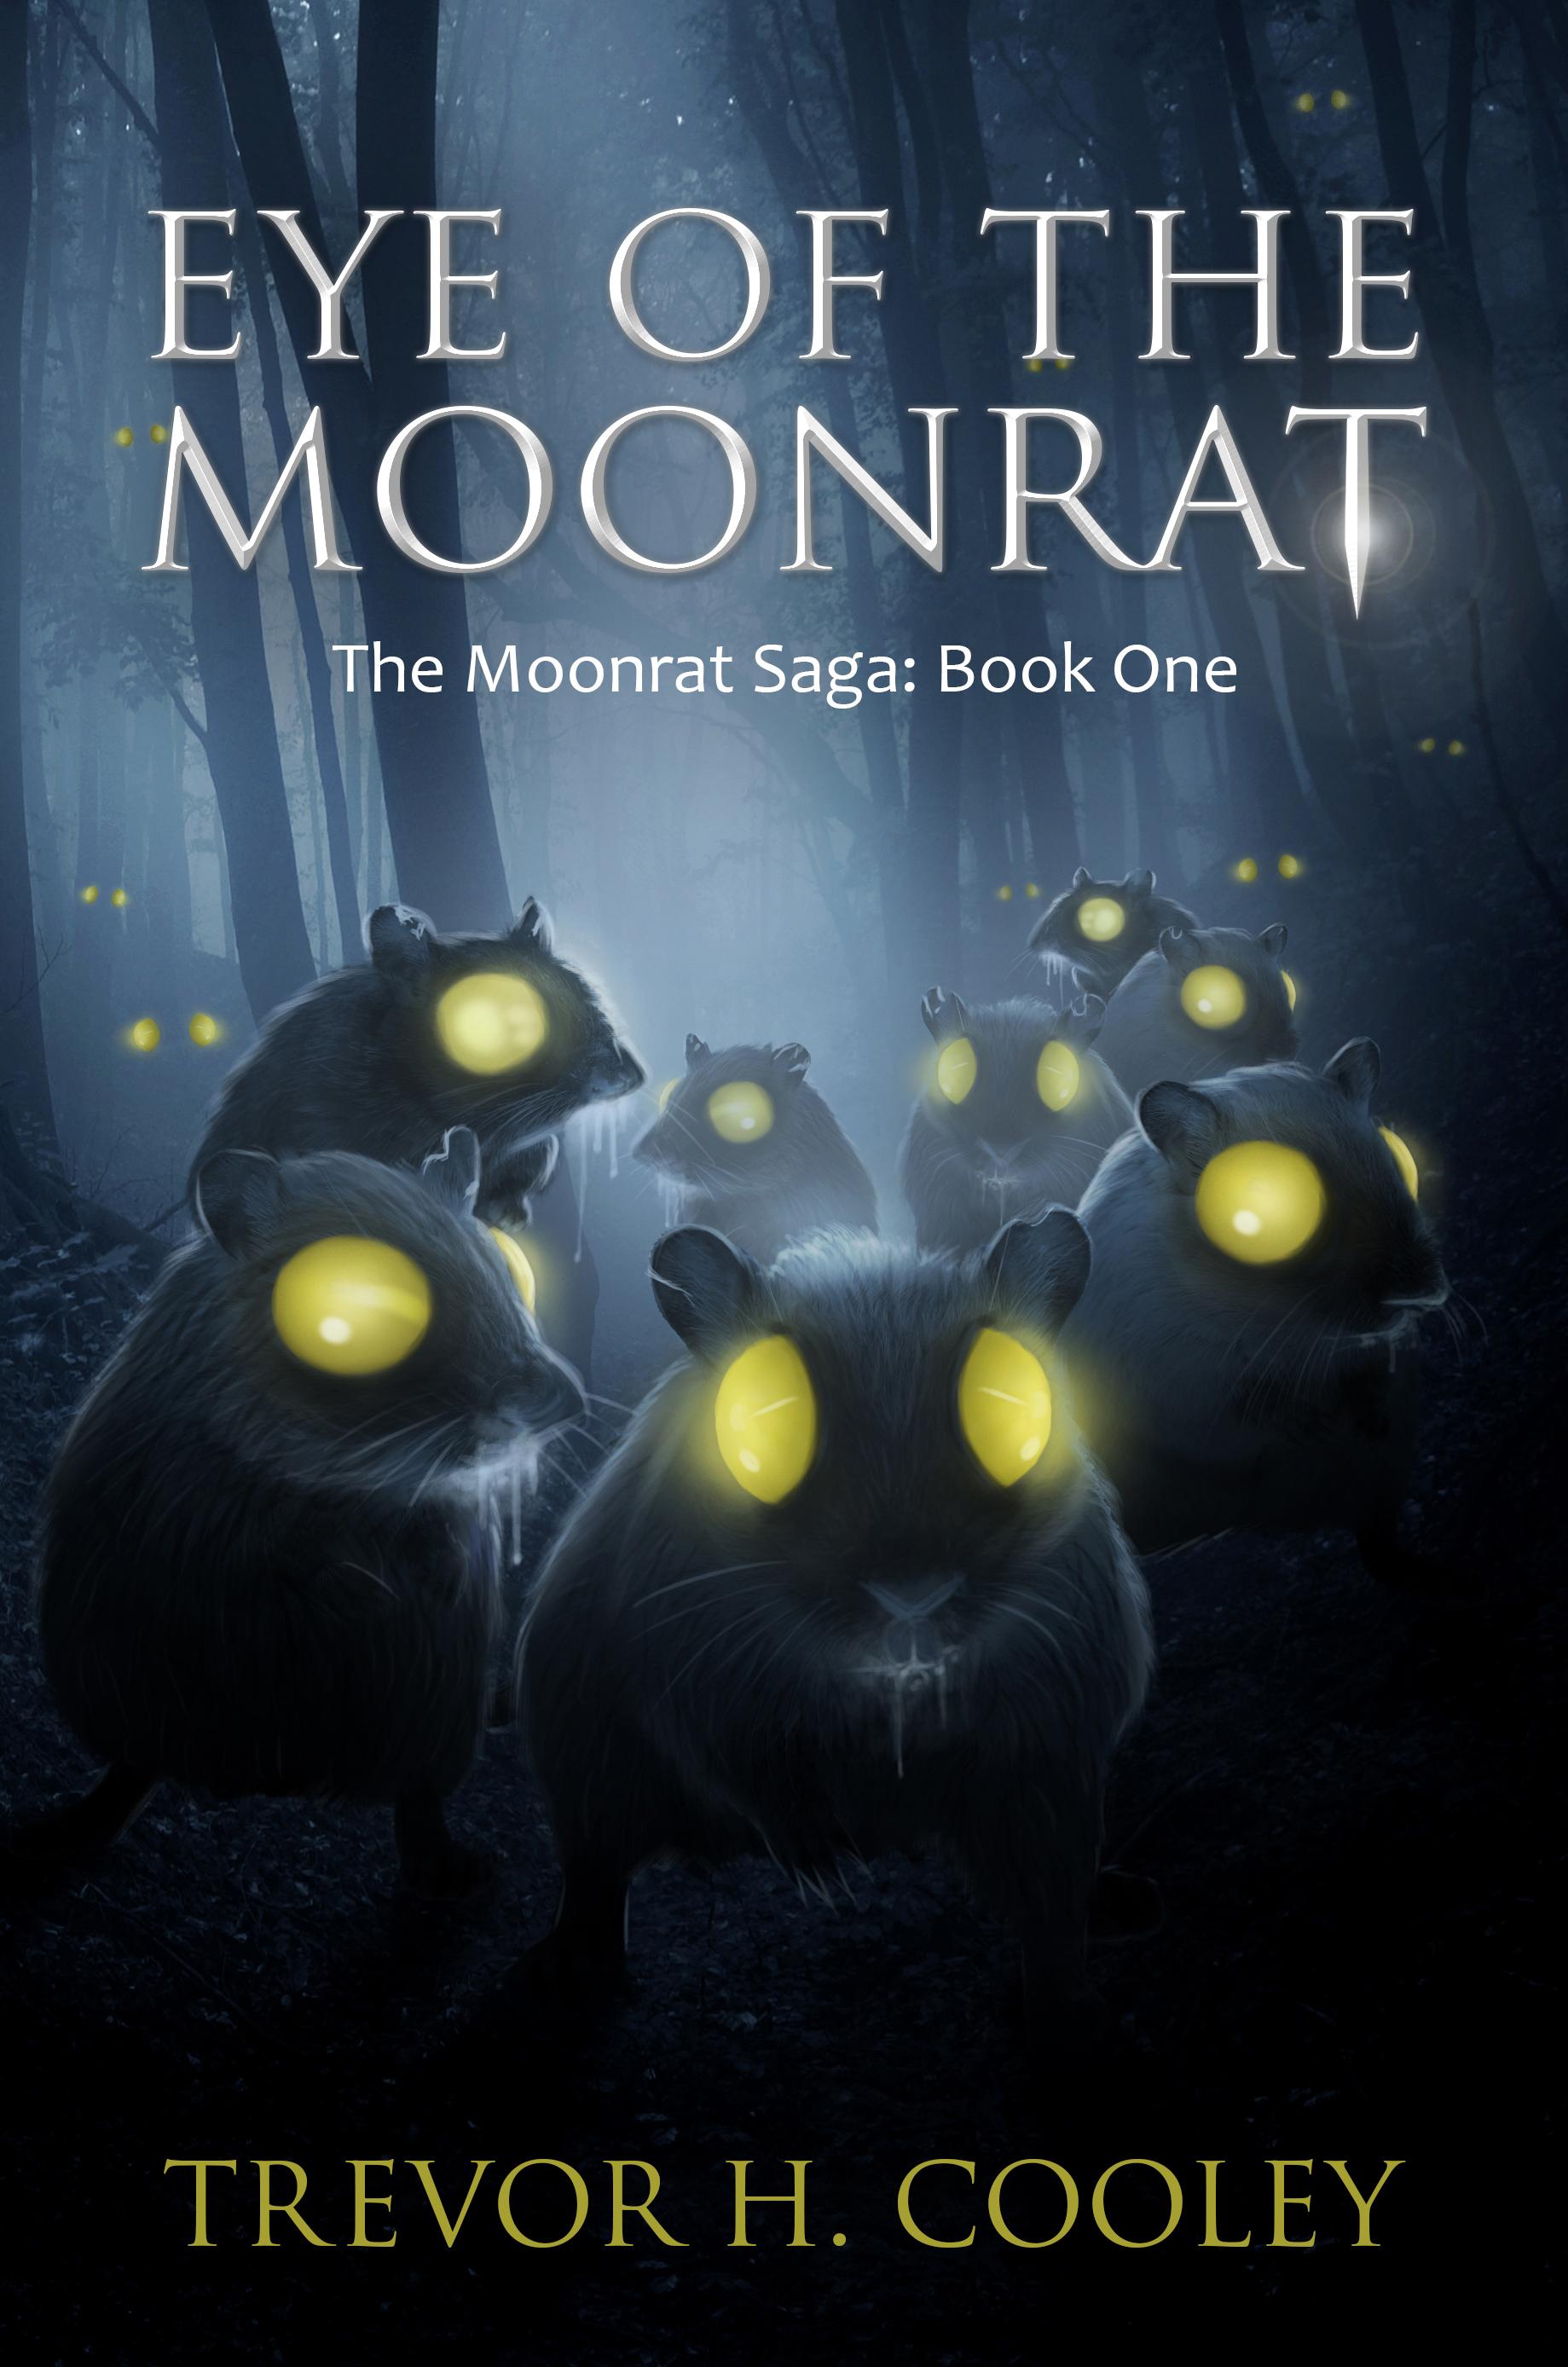 scott meyer magic 2.0 book 6 release date